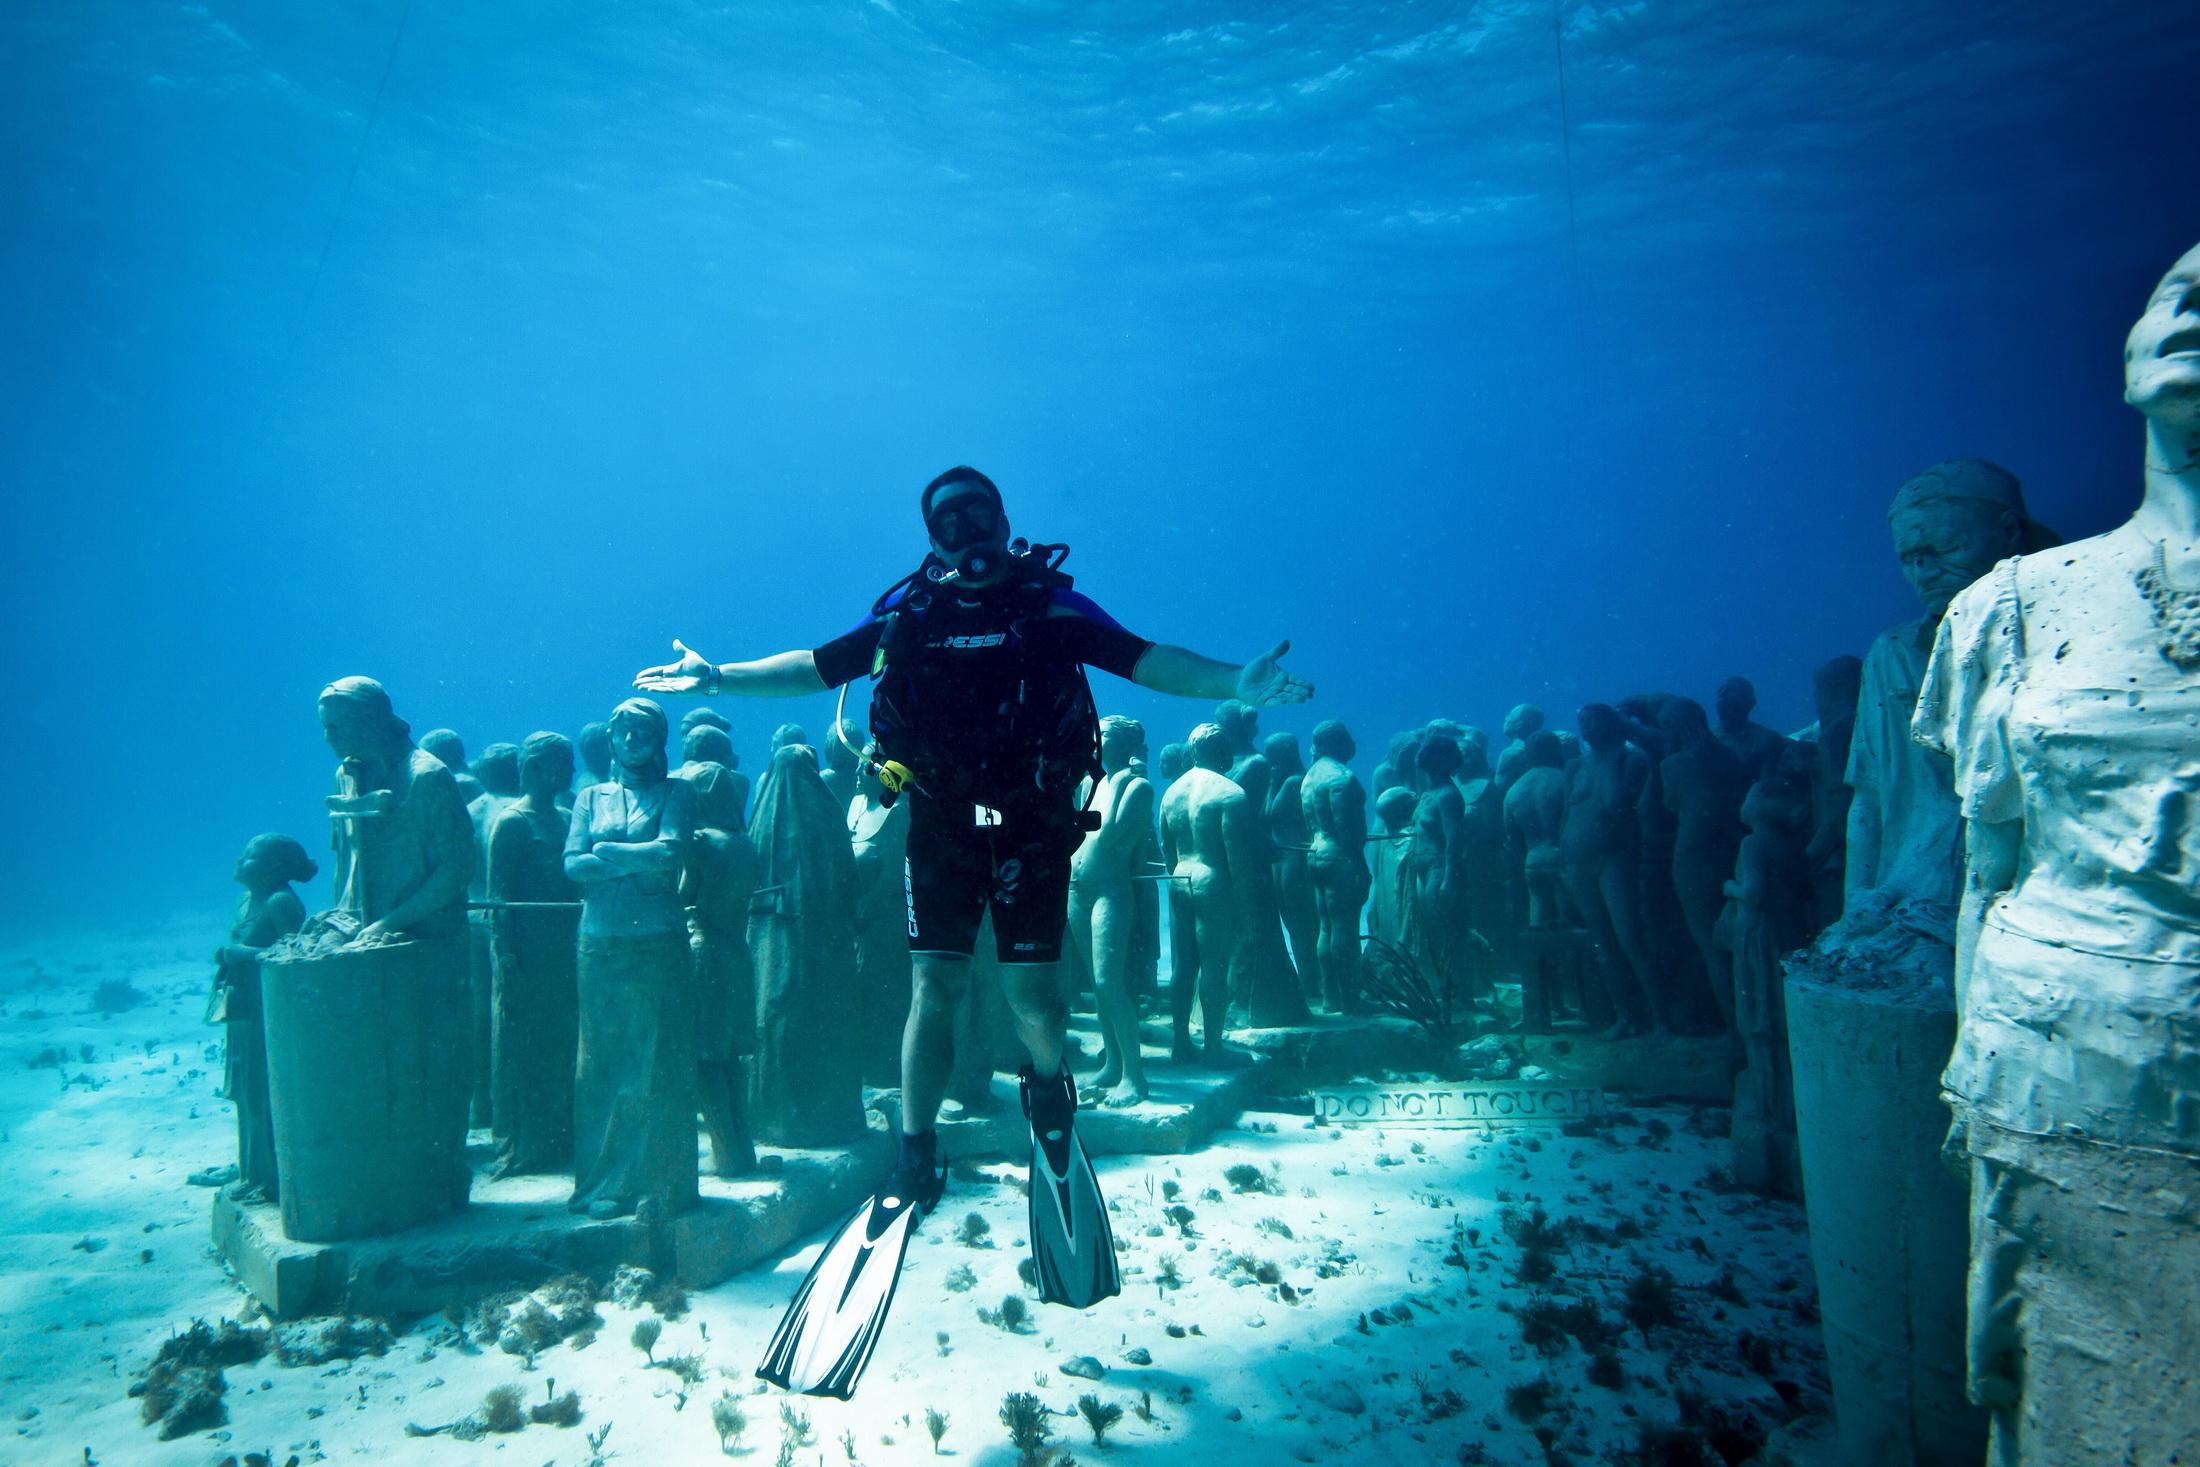 Recuperarea Marii Bariere de Corali ar putea deveni imposibilă. Ecosistemul se va schimba semnificativ